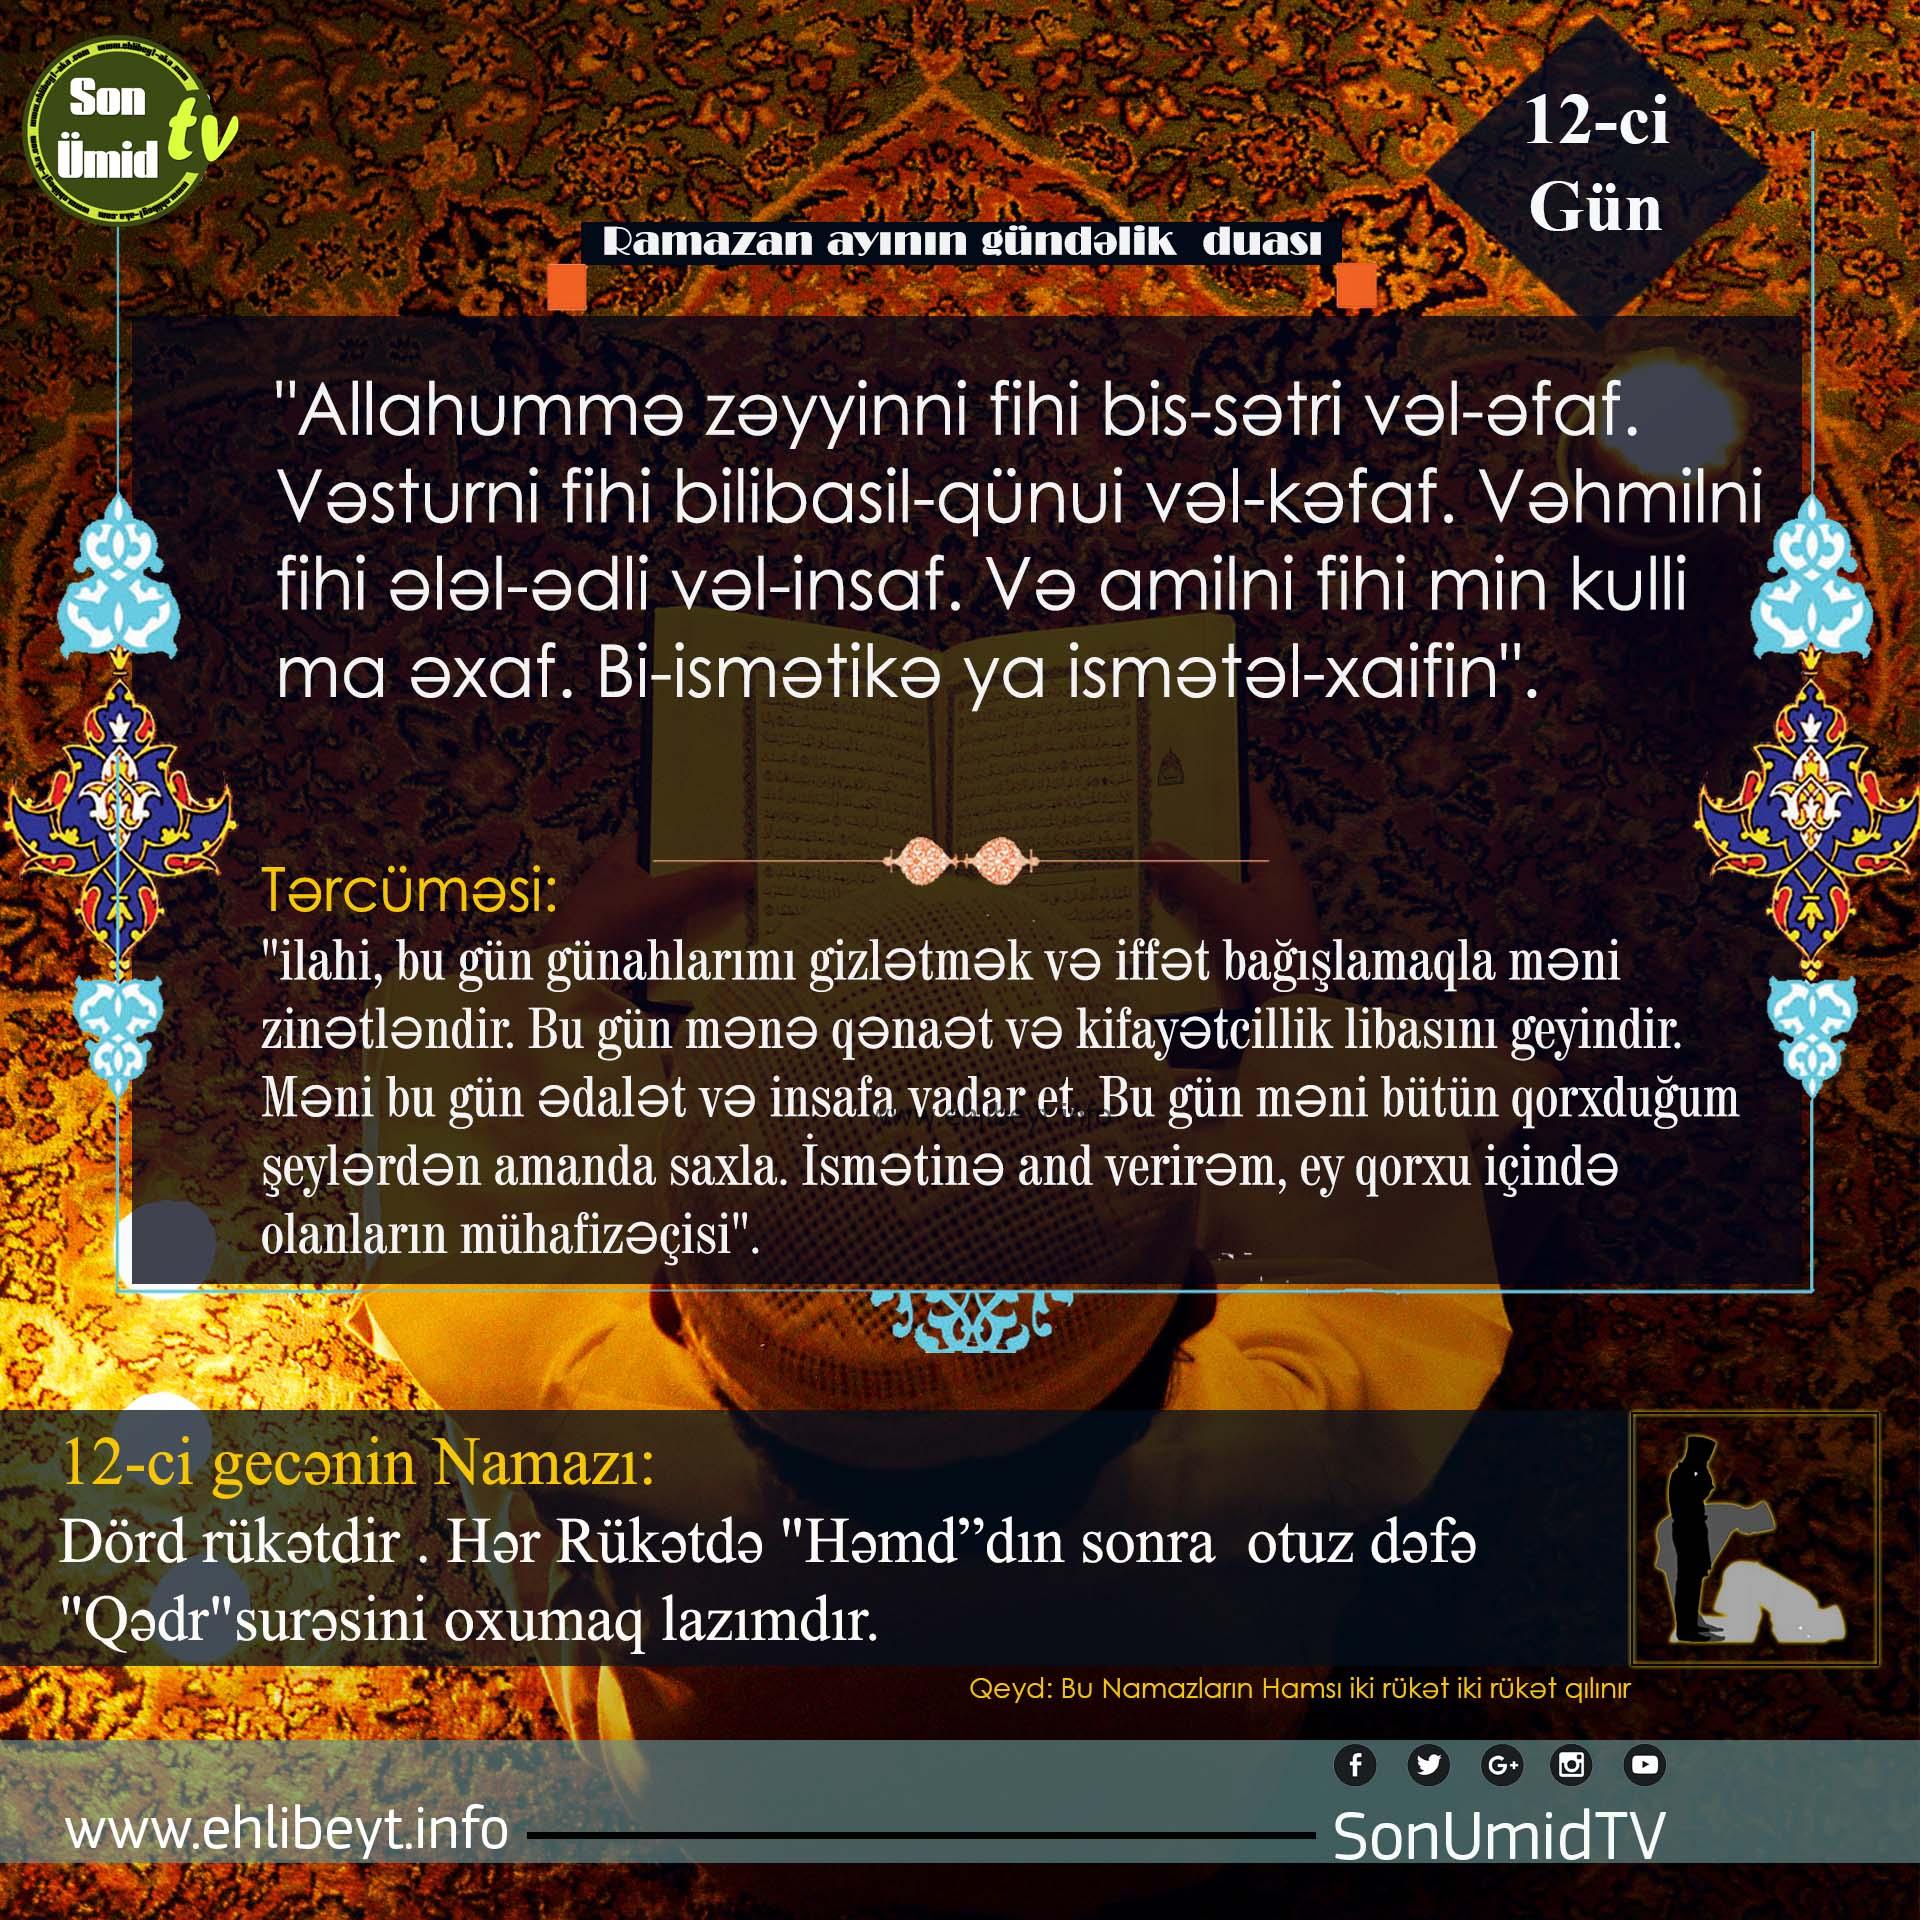 Ramazan  12-ci gününün duası və Namazı